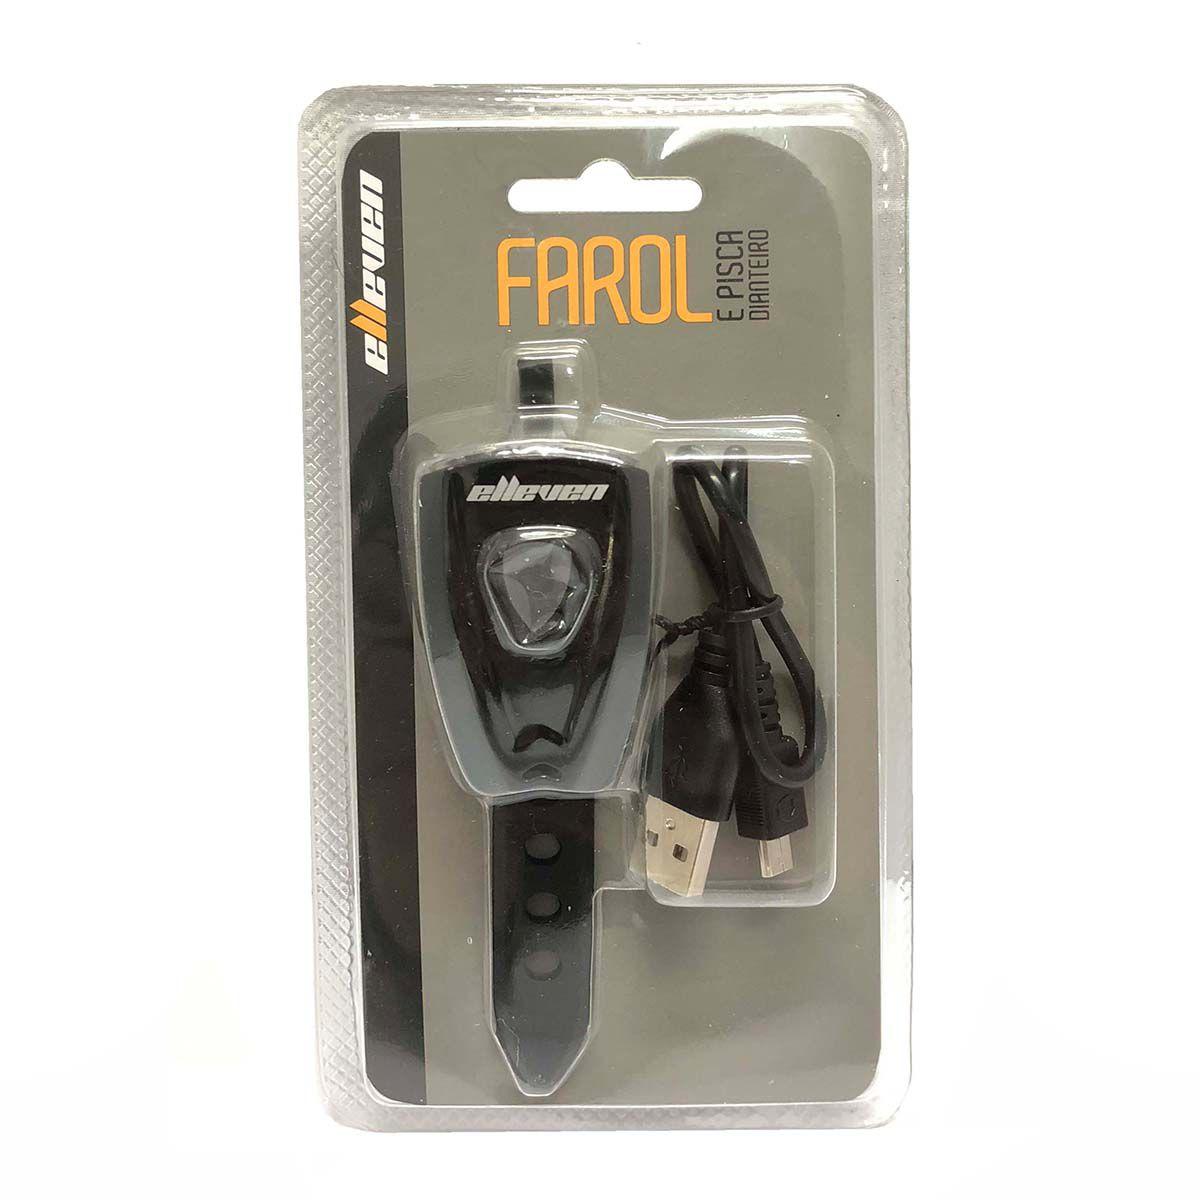 Farol /Pisca Bateria 2 Leds 0.5W   Recarregável Usb  - REAL ESPORTE